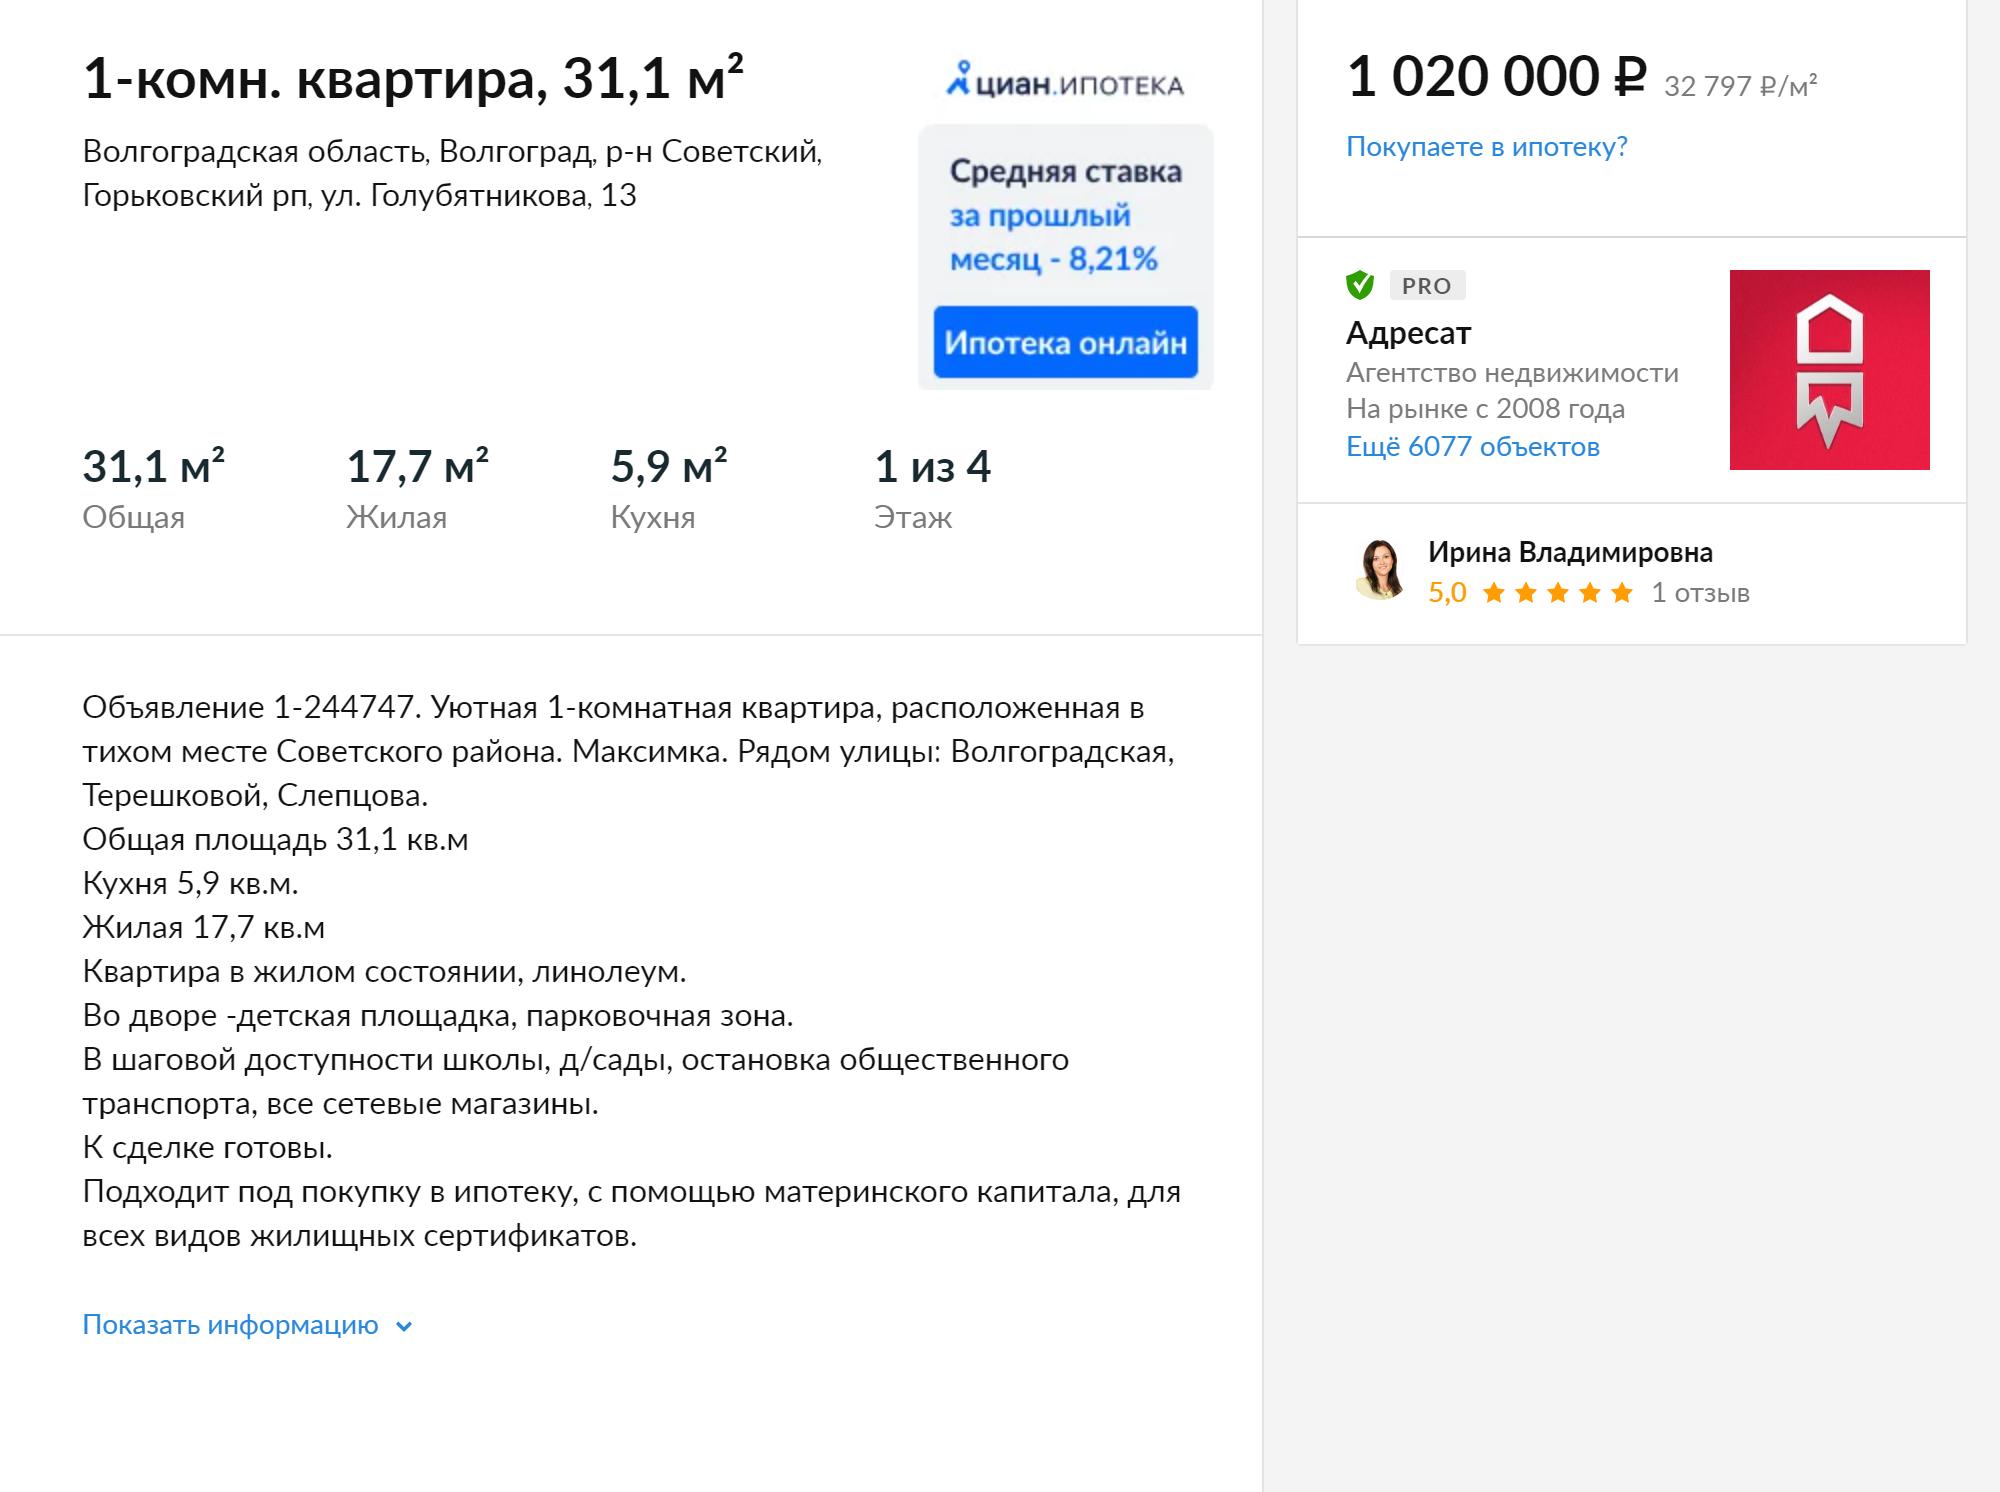 Однушка за 1 млн в Советском районе. Состояние нормальное, но находится в поселке Горьковском — это 30—40 минут езды от центра. Там нет торговых центров, кинотеатров и парков